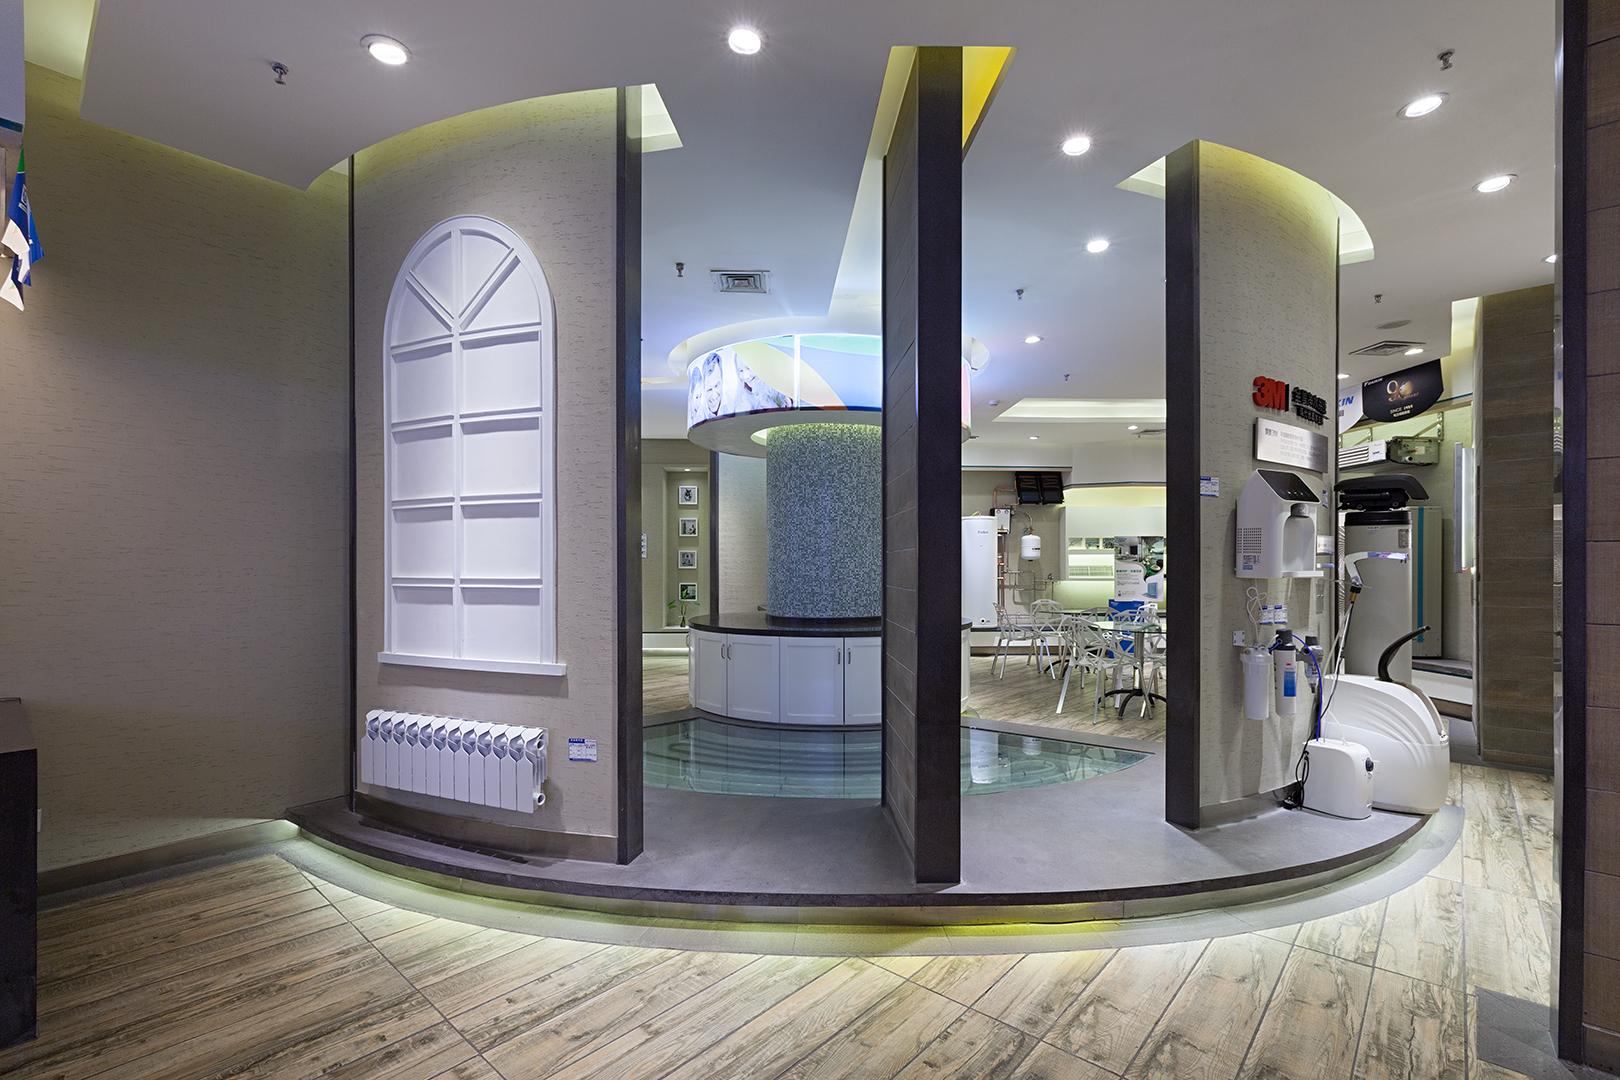 成都私享高端采暖,空调集成设备体验店——天合智能富森美家居南门店图片